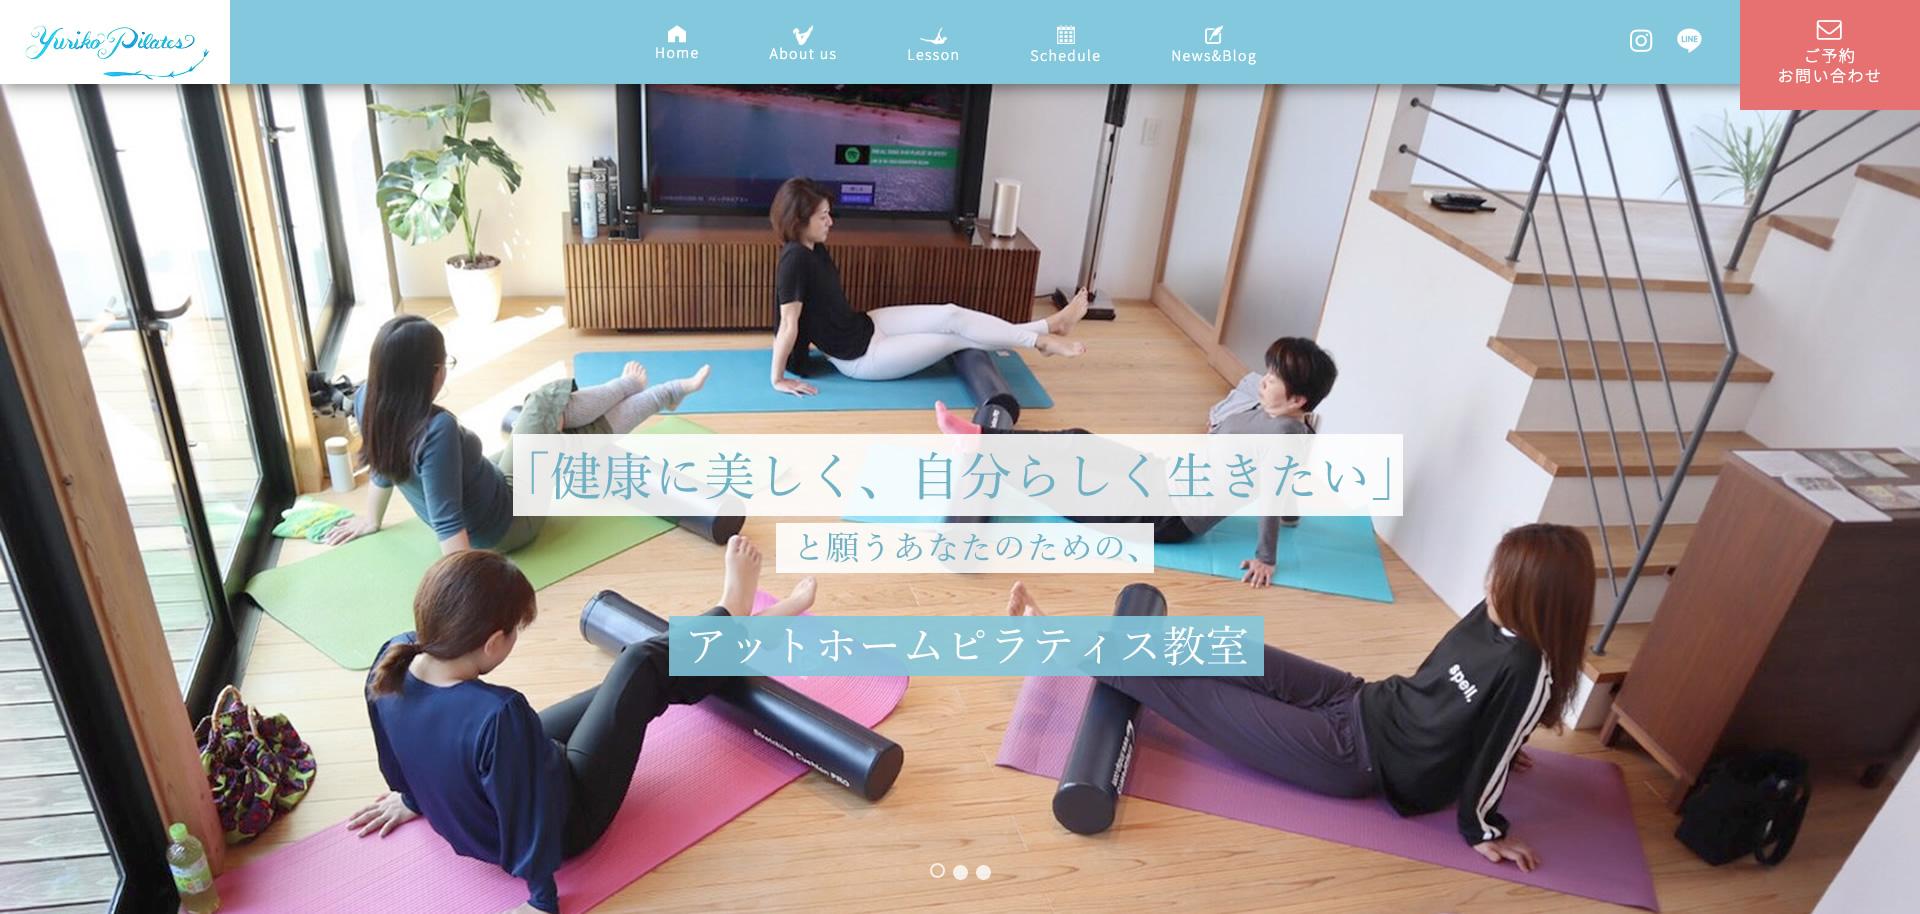 YURIKO pilates